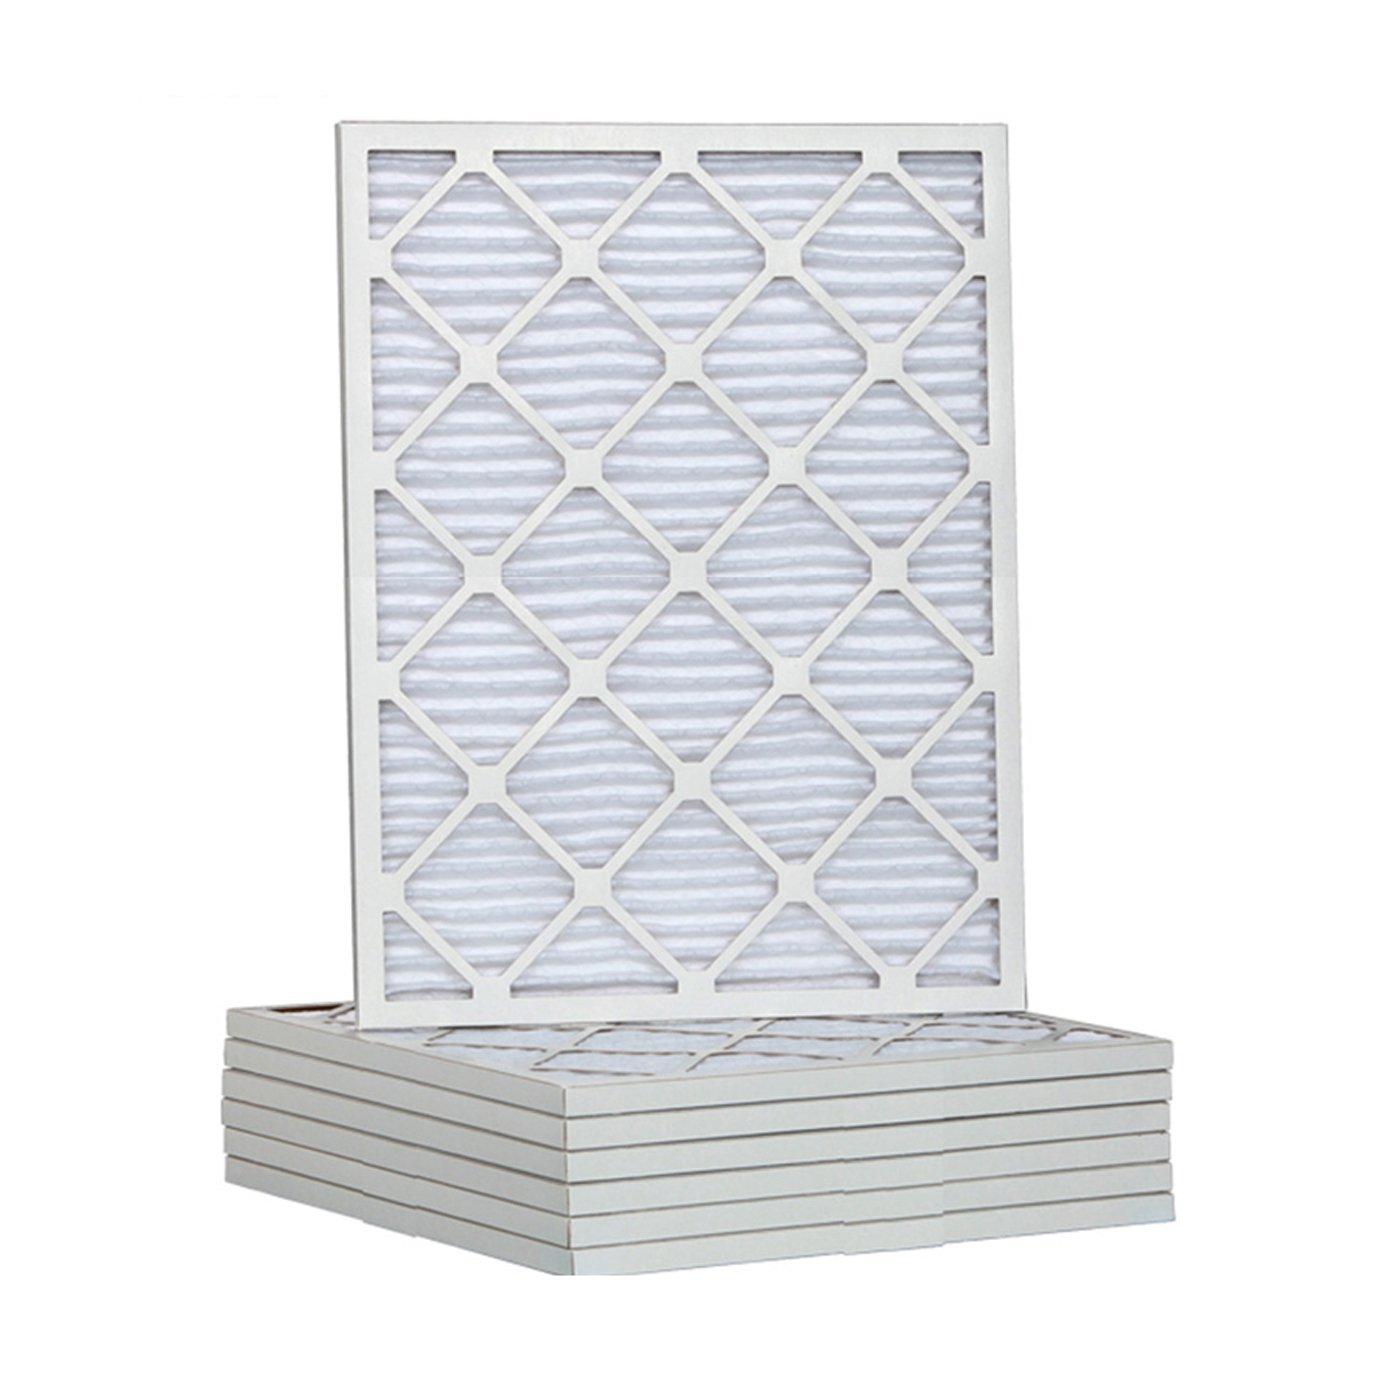 21-1/2x23-1/2x1 MERV 13 Tier1 Air Filter/Furnace Filter Replacement